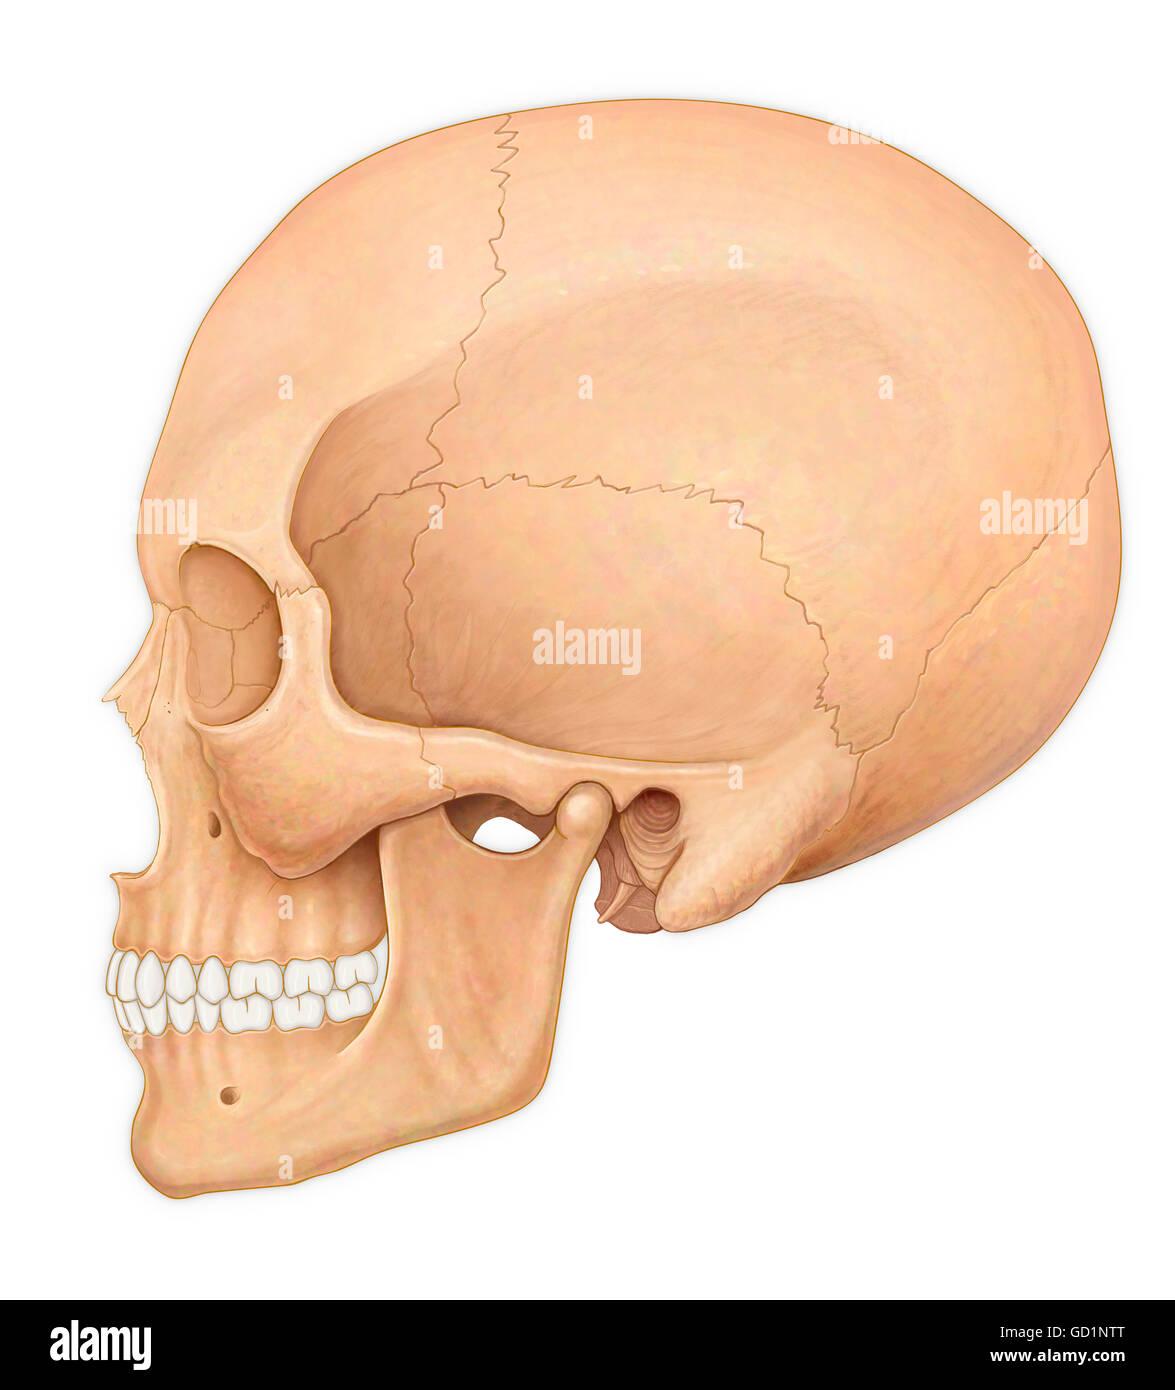 Illustration Skull Teeth Diagram Imágenes De Stock & Illustration ...